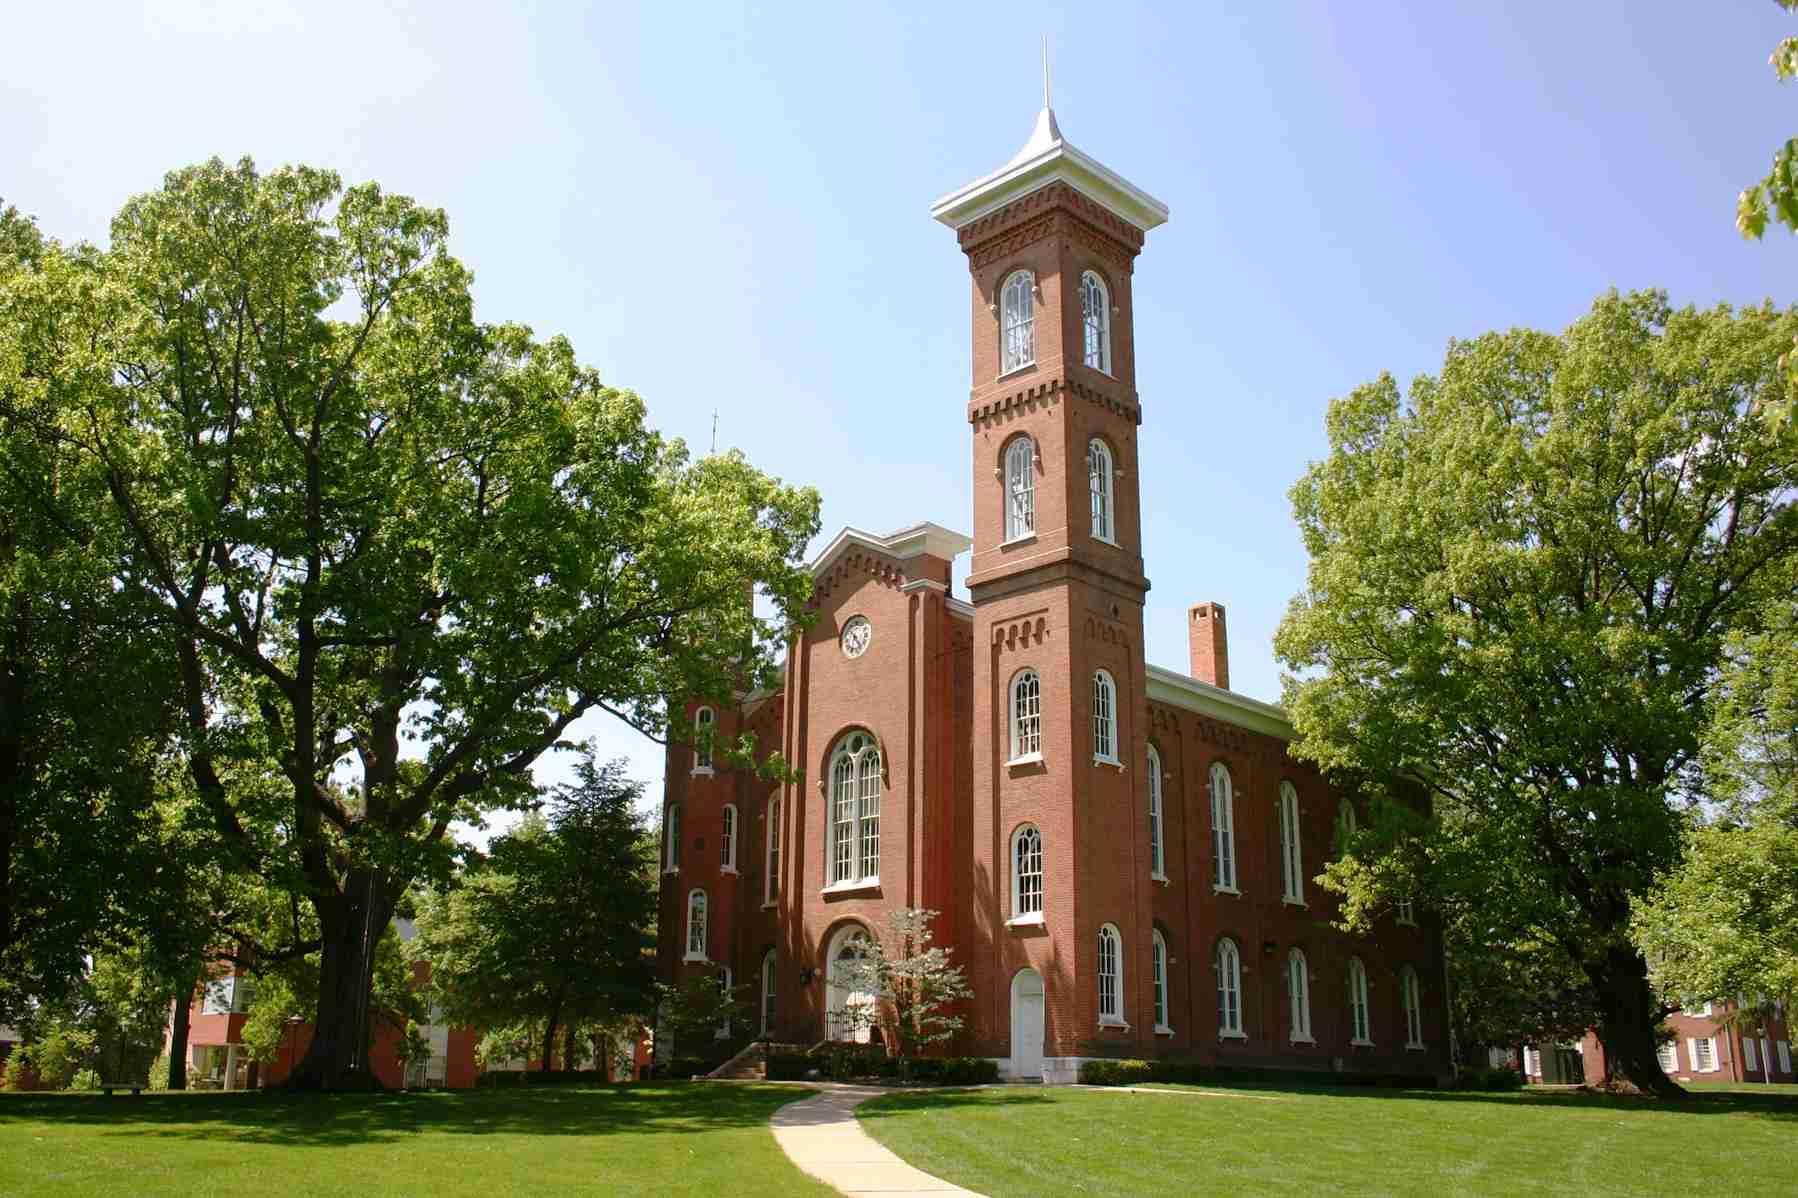 Sturtevant Hall at Illinois College